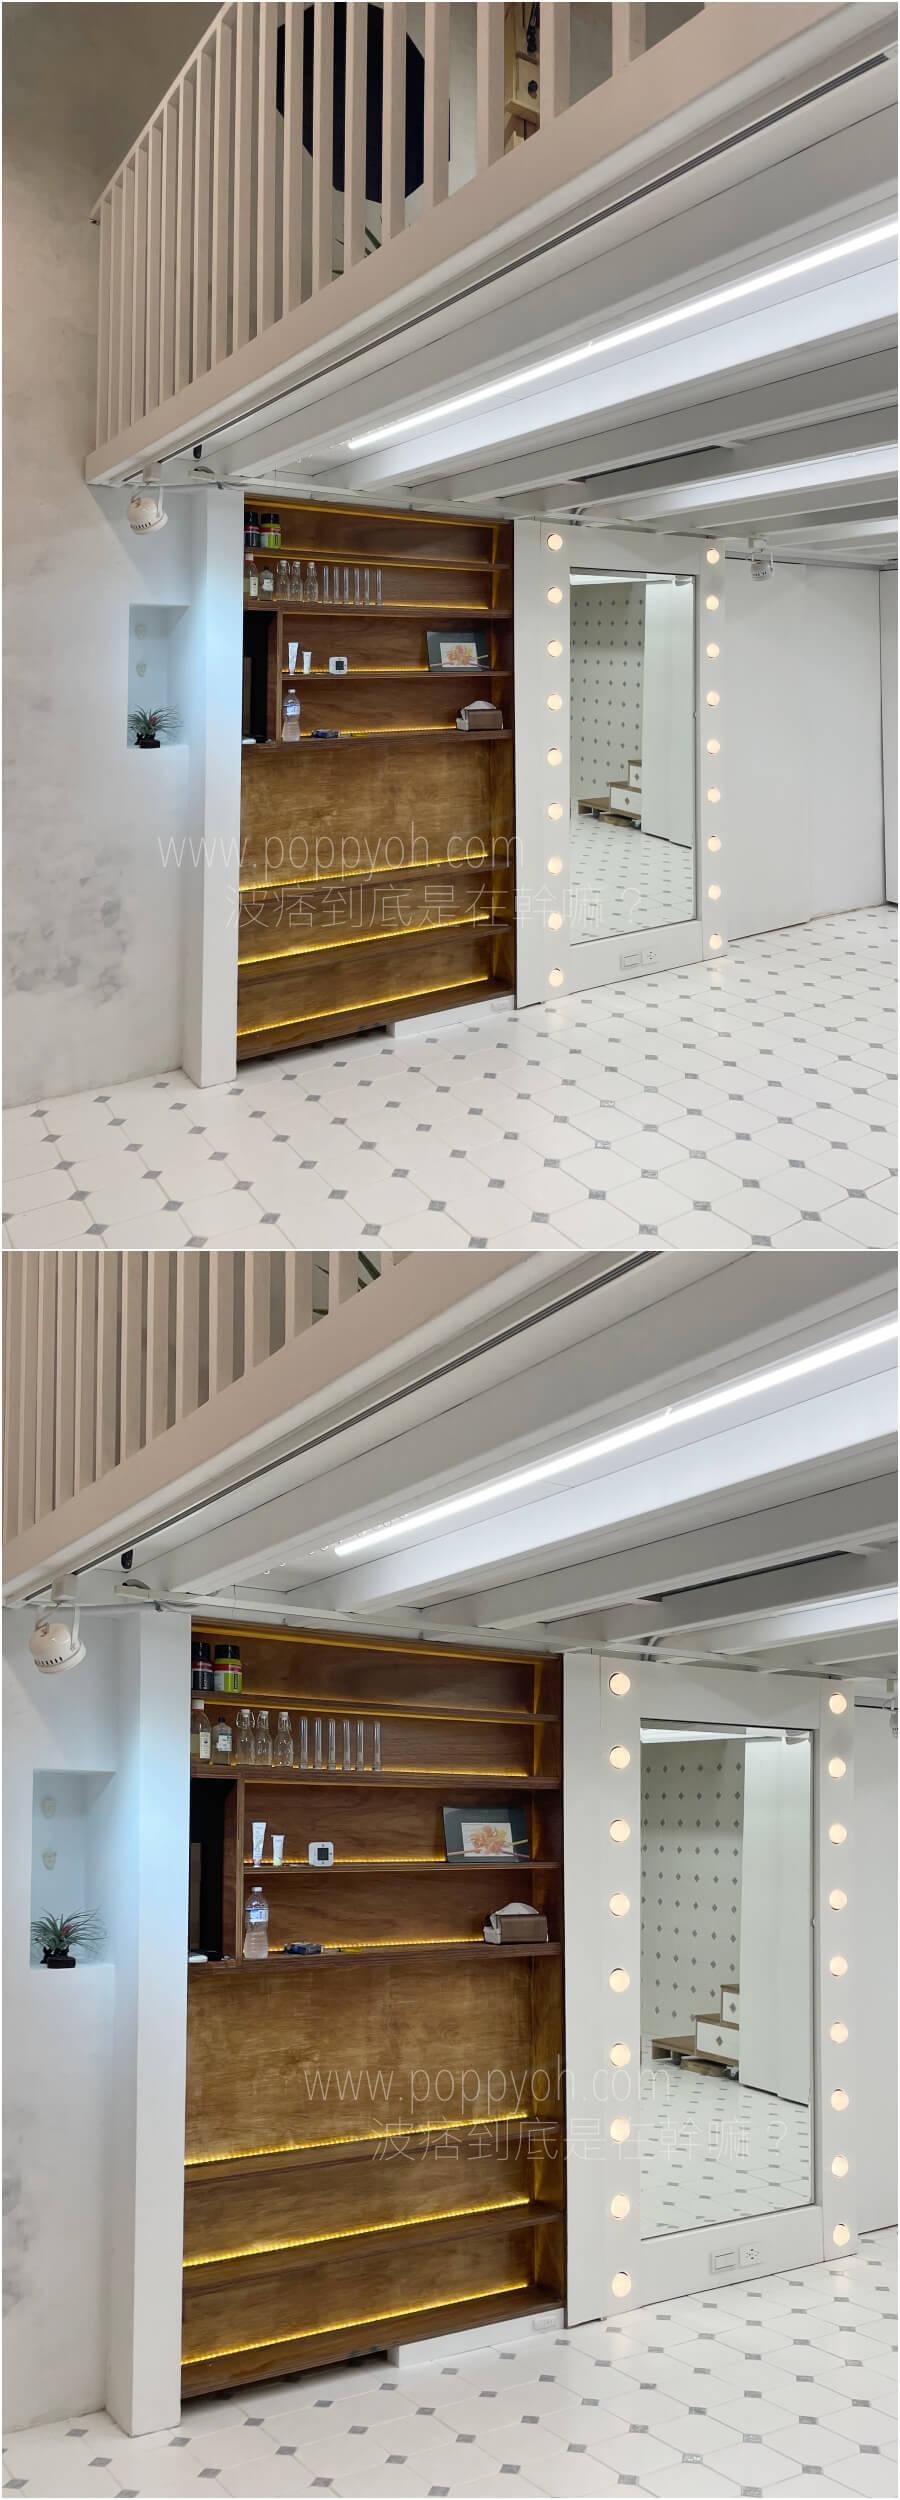 裝潢 嵌入式 崁入 櫥櫃 木工